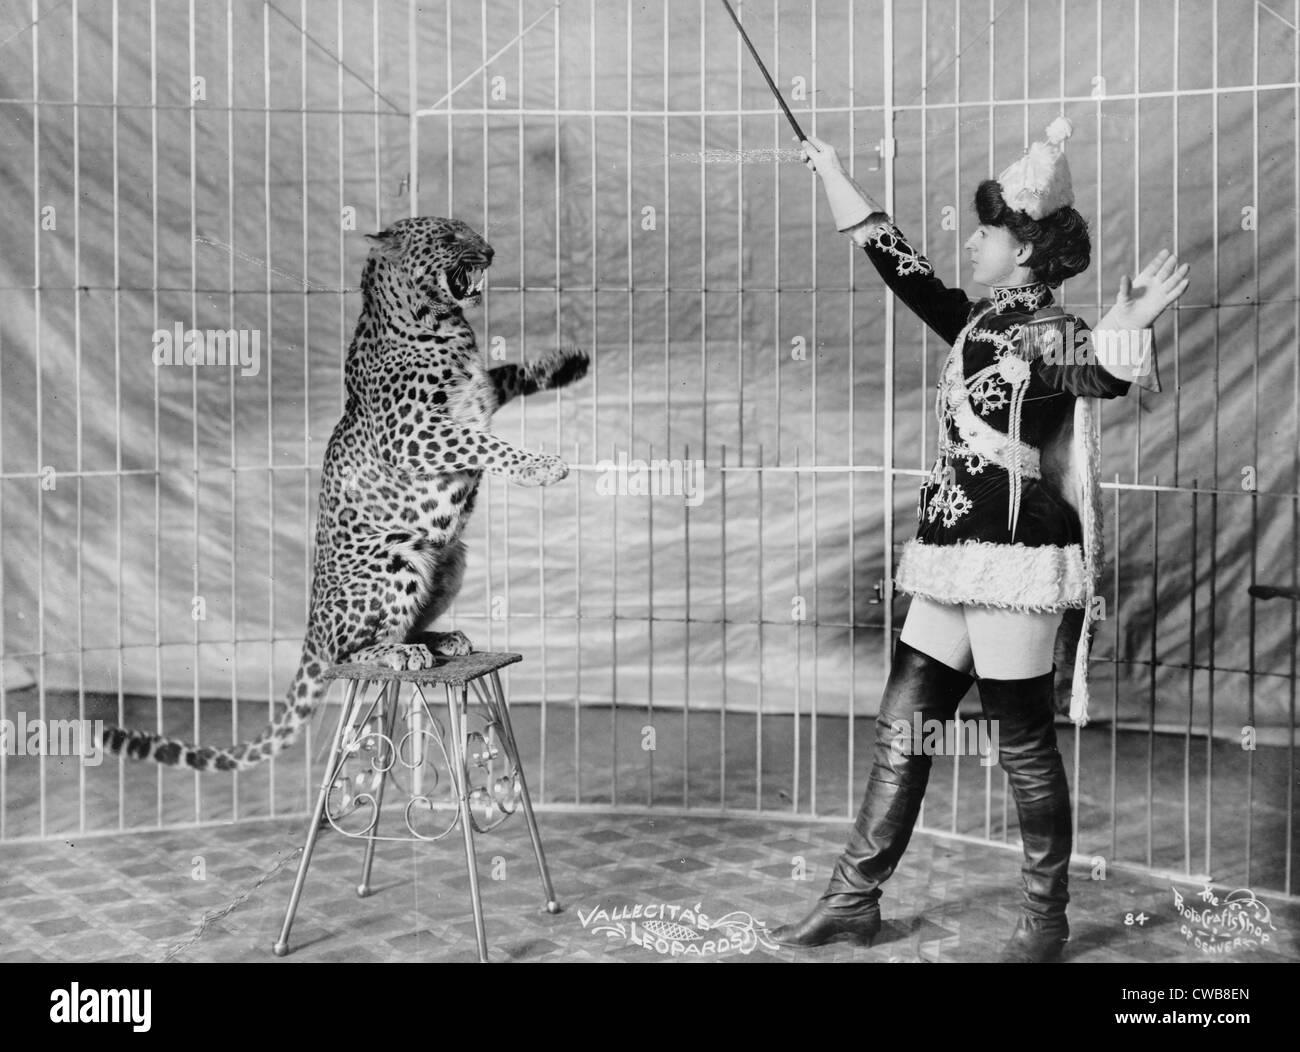 La Vallecita leopardos. Hembra formador y leopardo, 1900-1910 Imagen De Stock